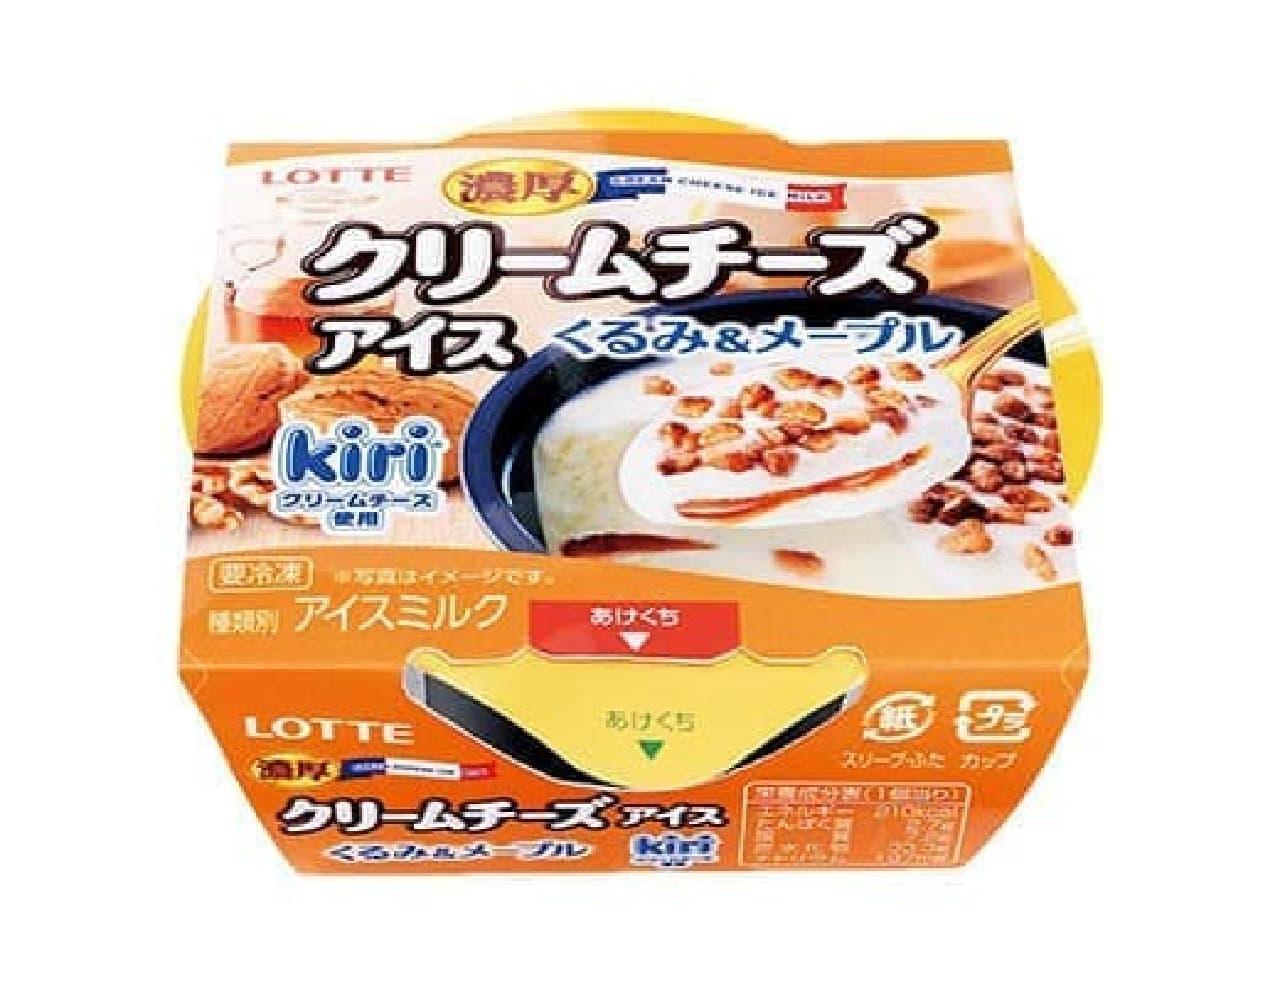 ロッテアイス 濃厚クリームチーズアイス くるみ&メープル